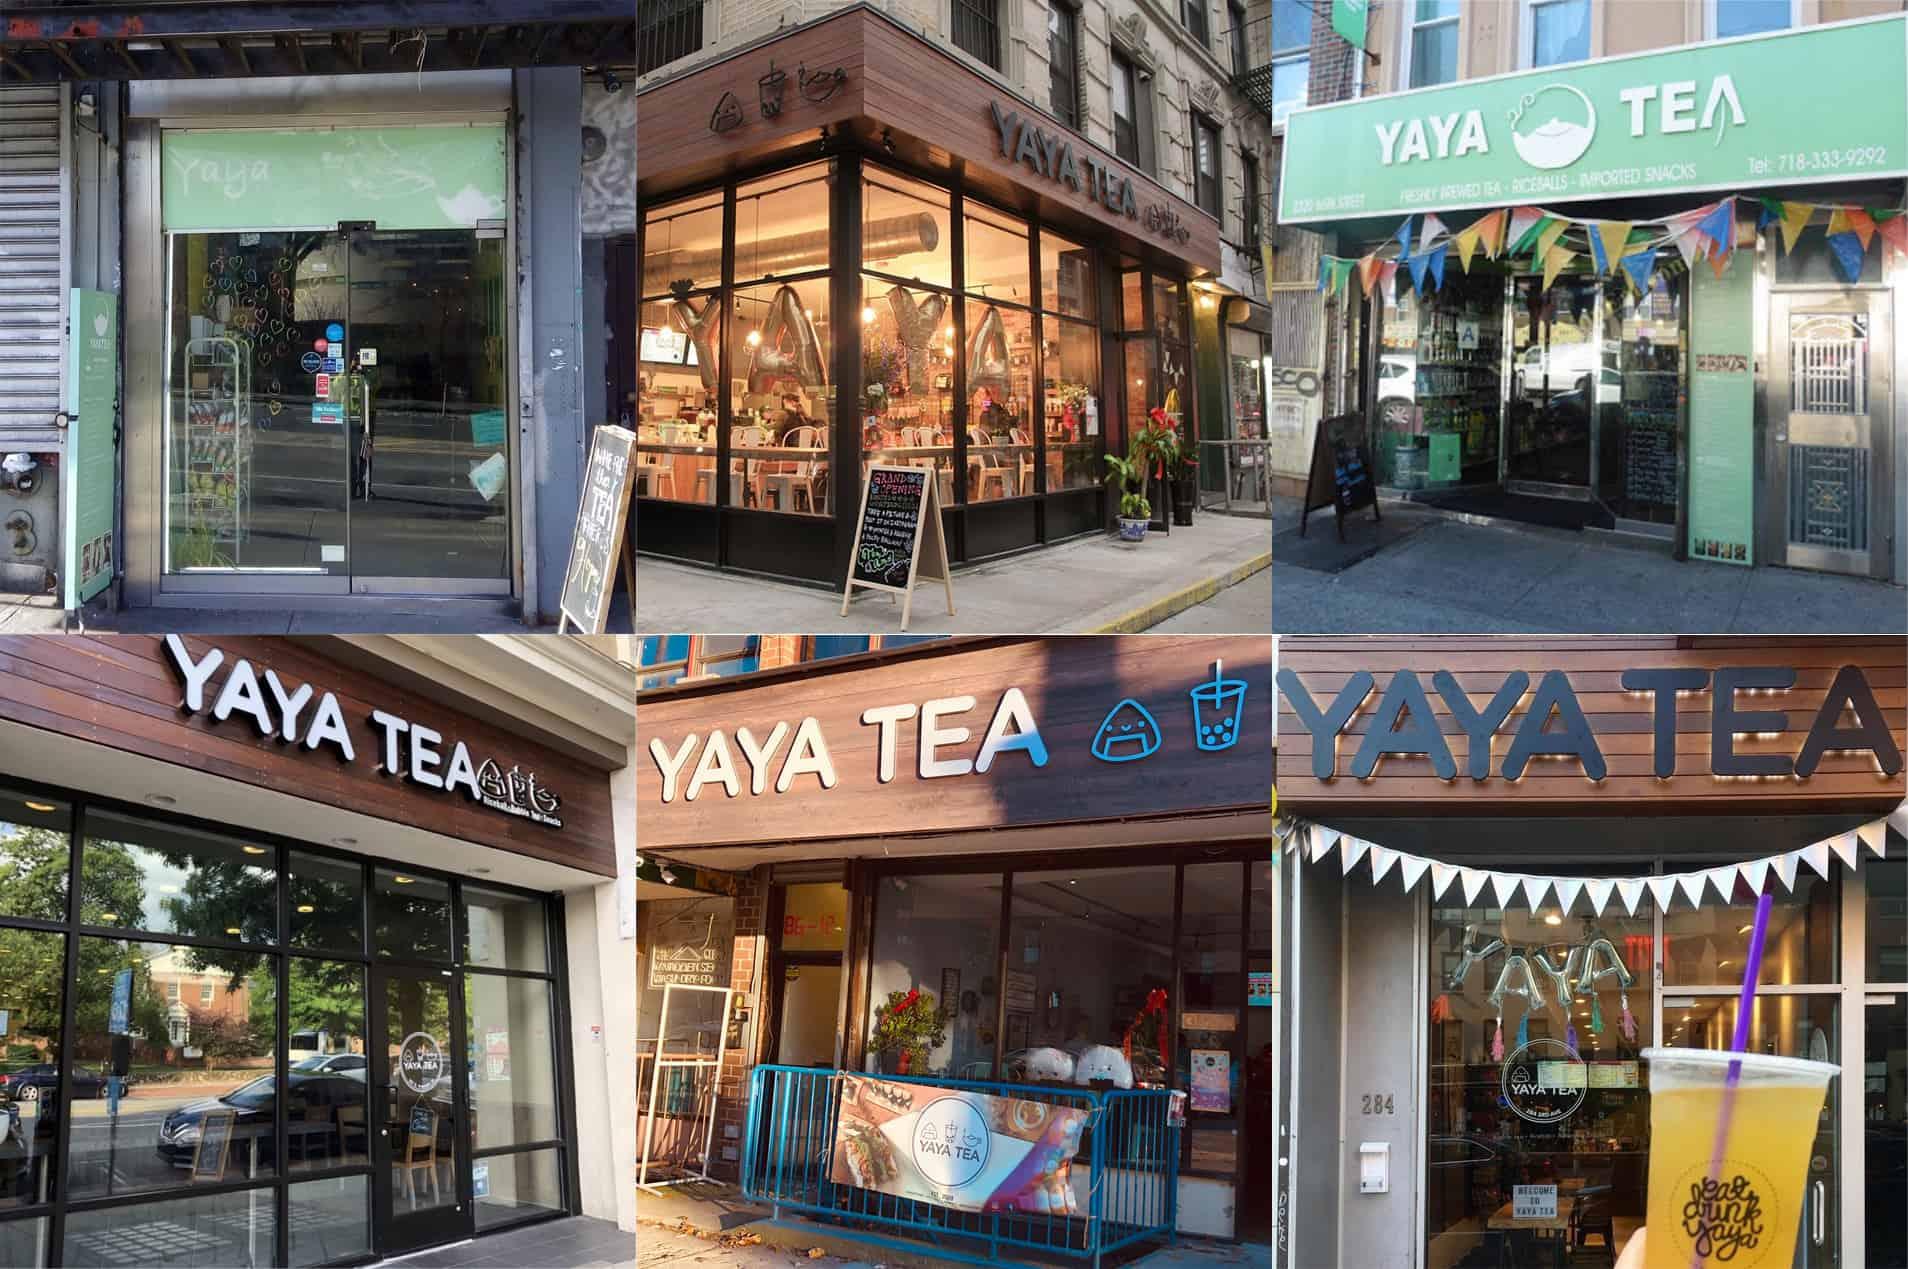 Yaya Tea Store Photos